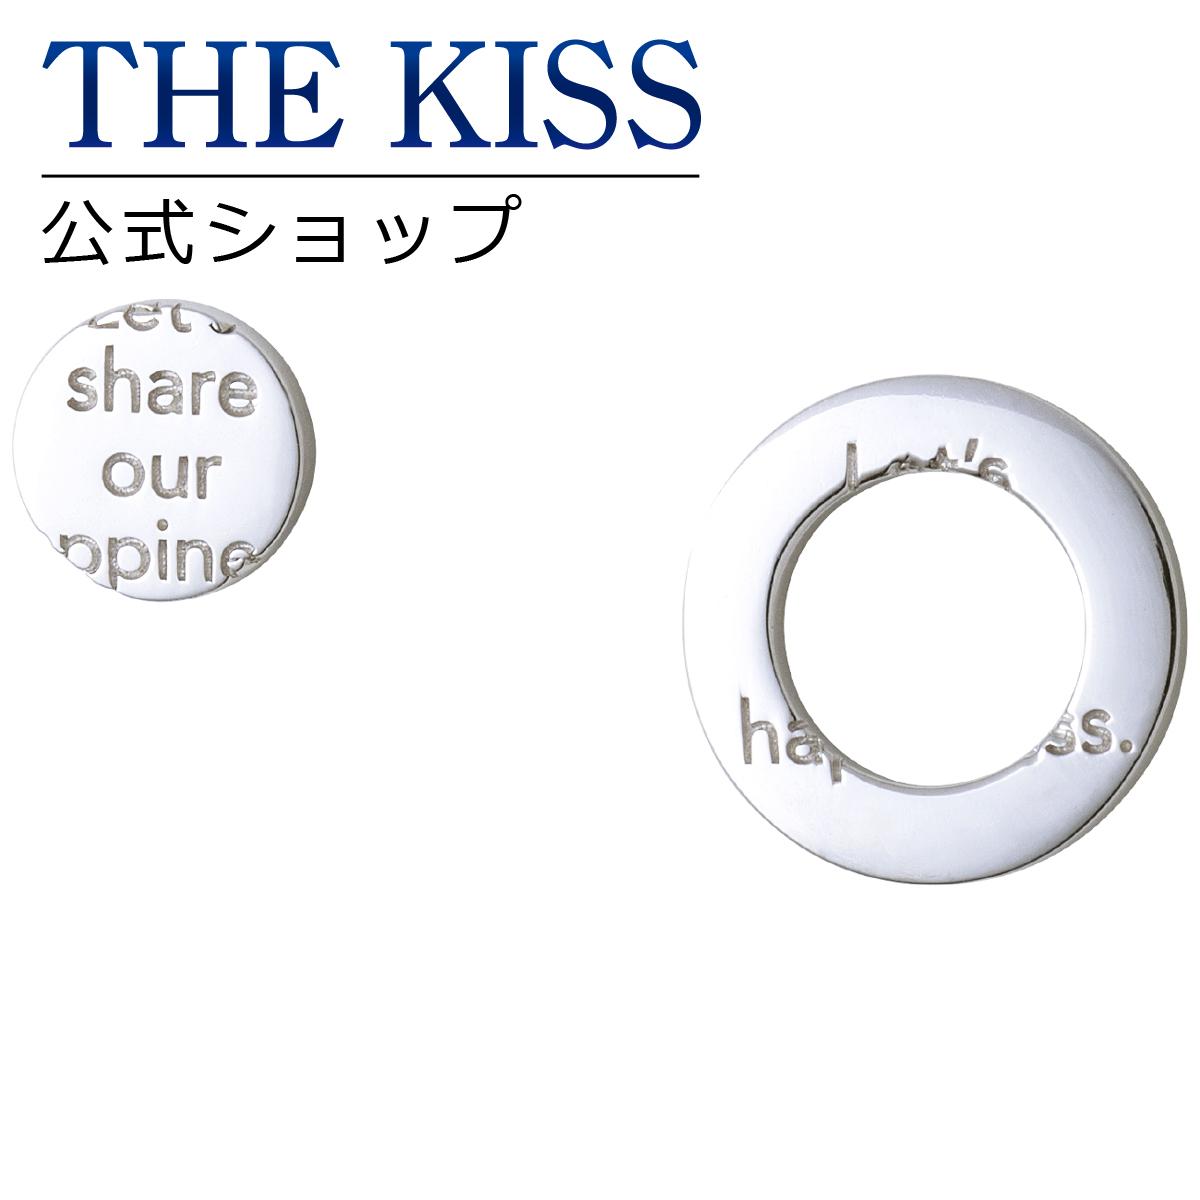 【あす楽対応】【THE KISS COUPLE'S】THE KISS 公式サイト シルバー ペアピアス ペアアクセサリー カップル に 人気 の ジュエリーブランド THEKISS ペア ピアス 記念日 プレゼント SPE2001 ザキス 【送料無料】